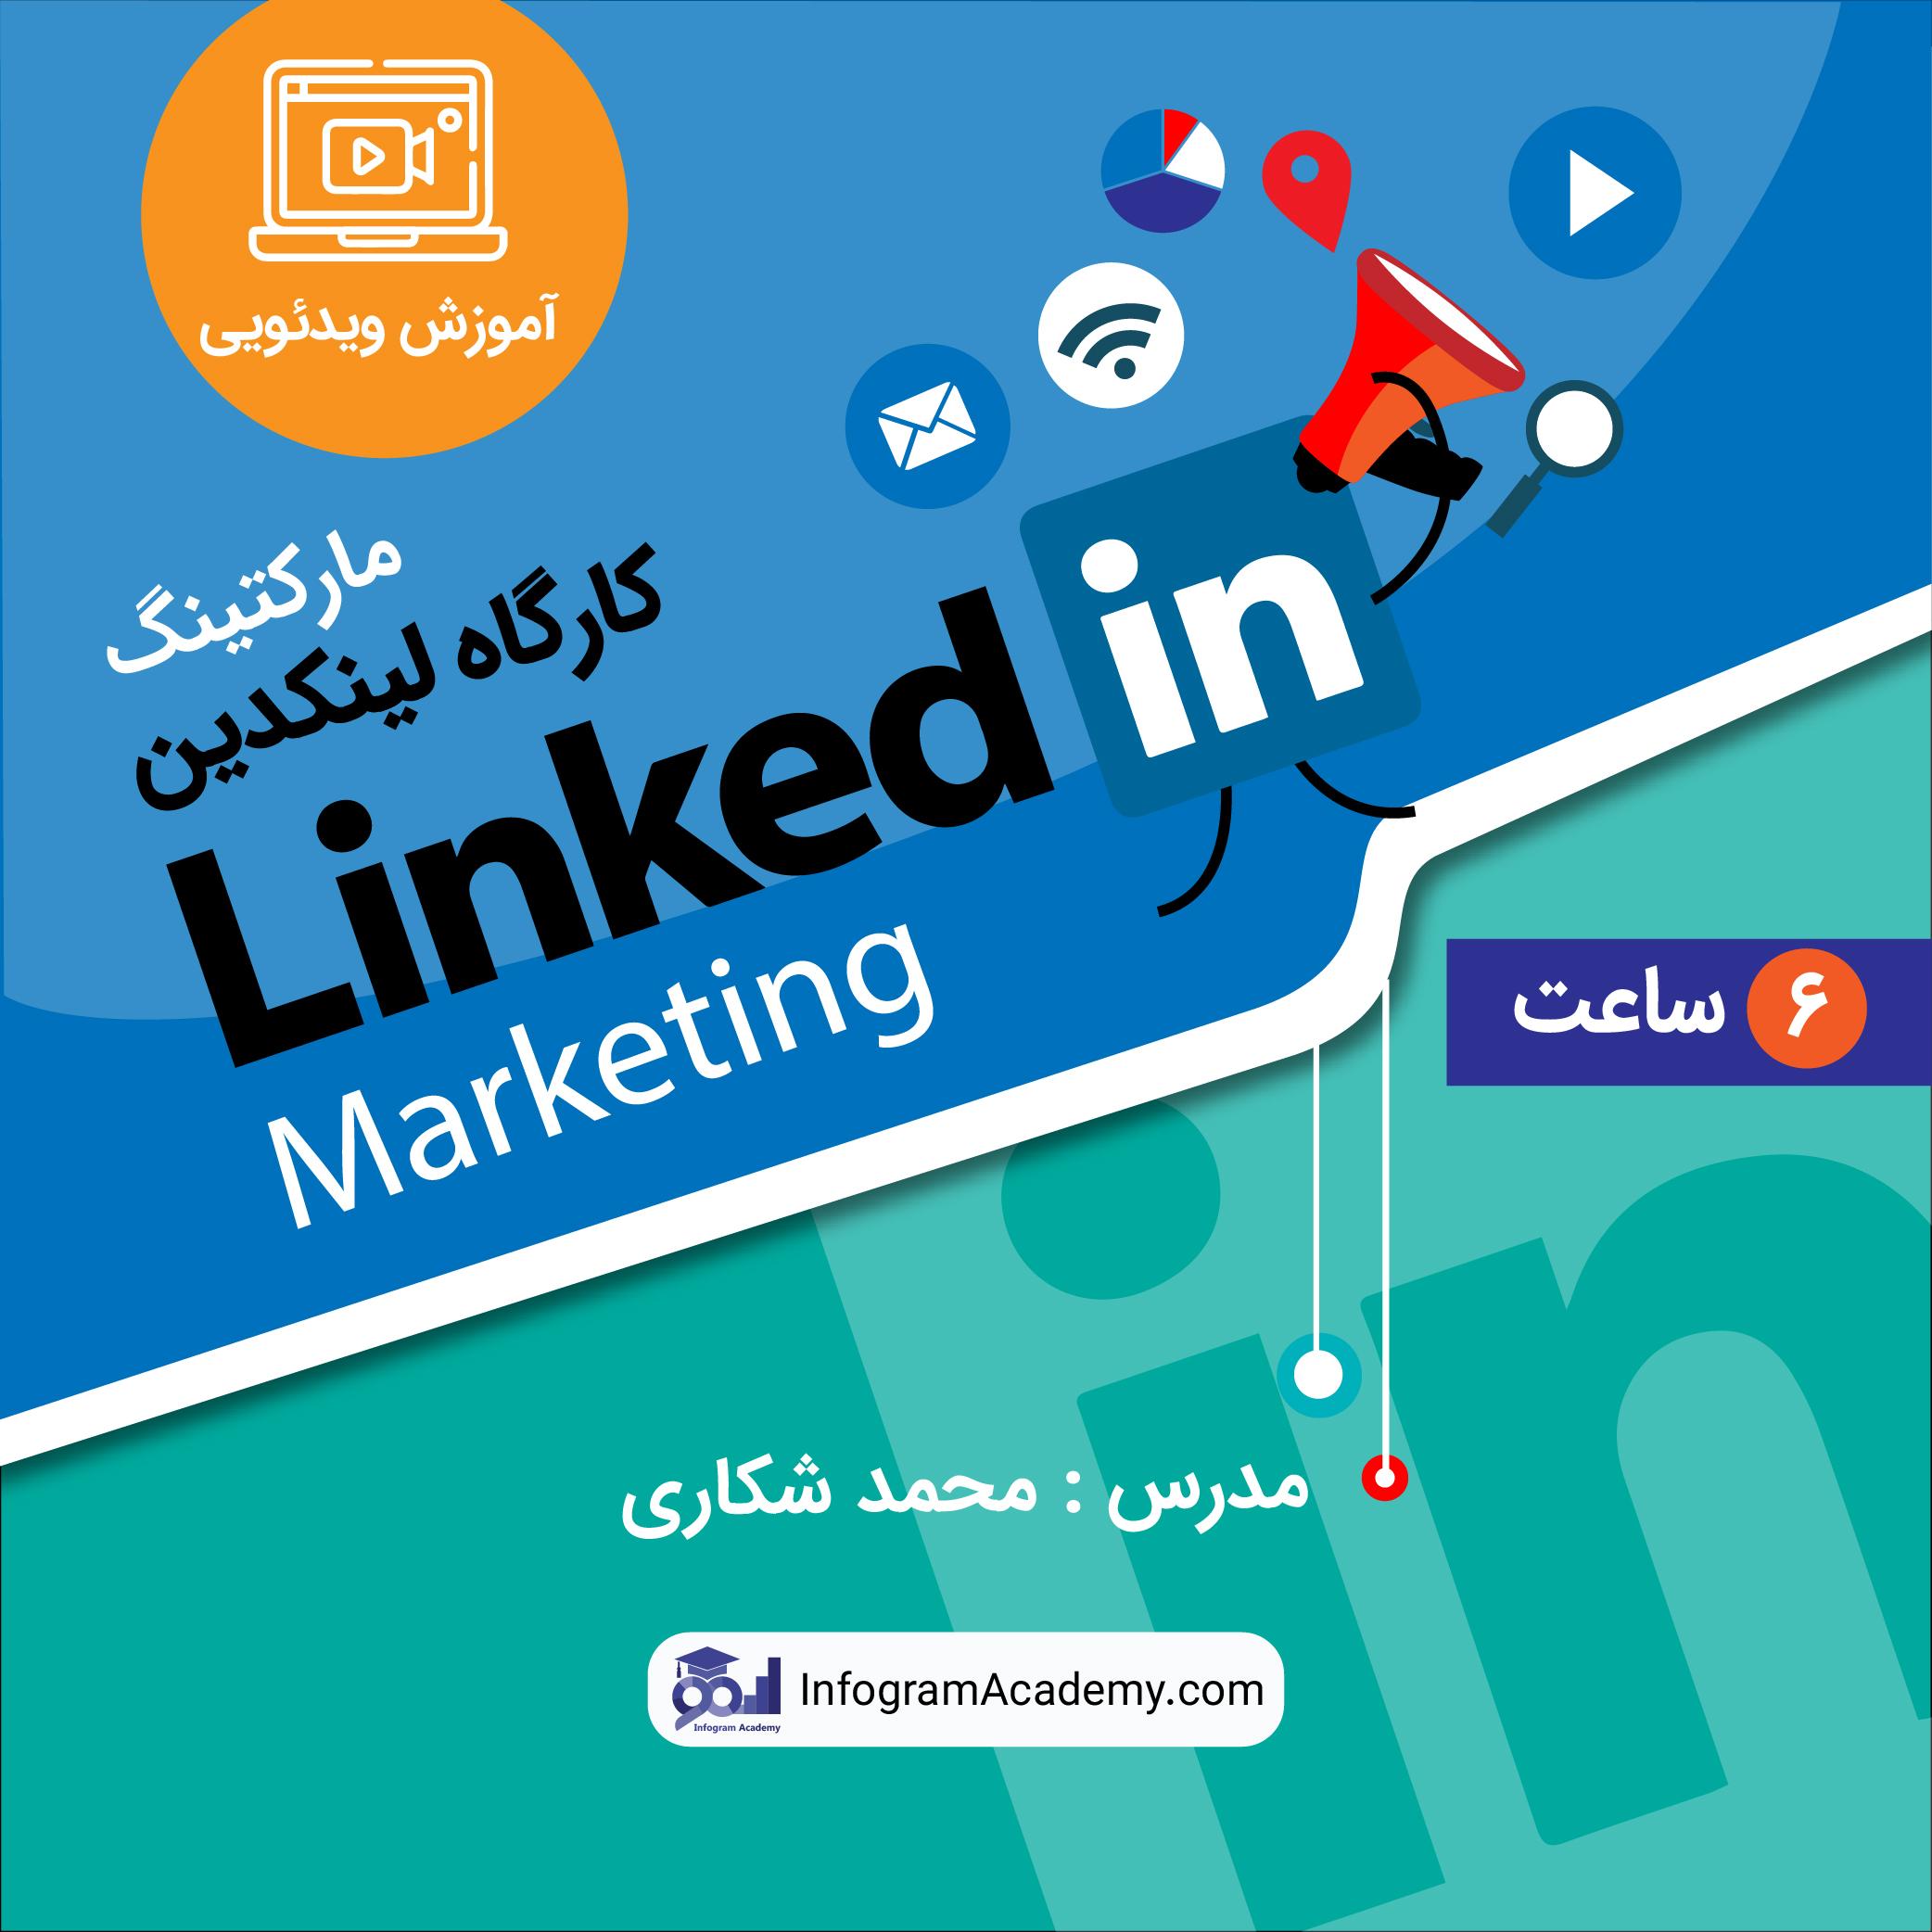 Linkdin Marketing-Video Poster